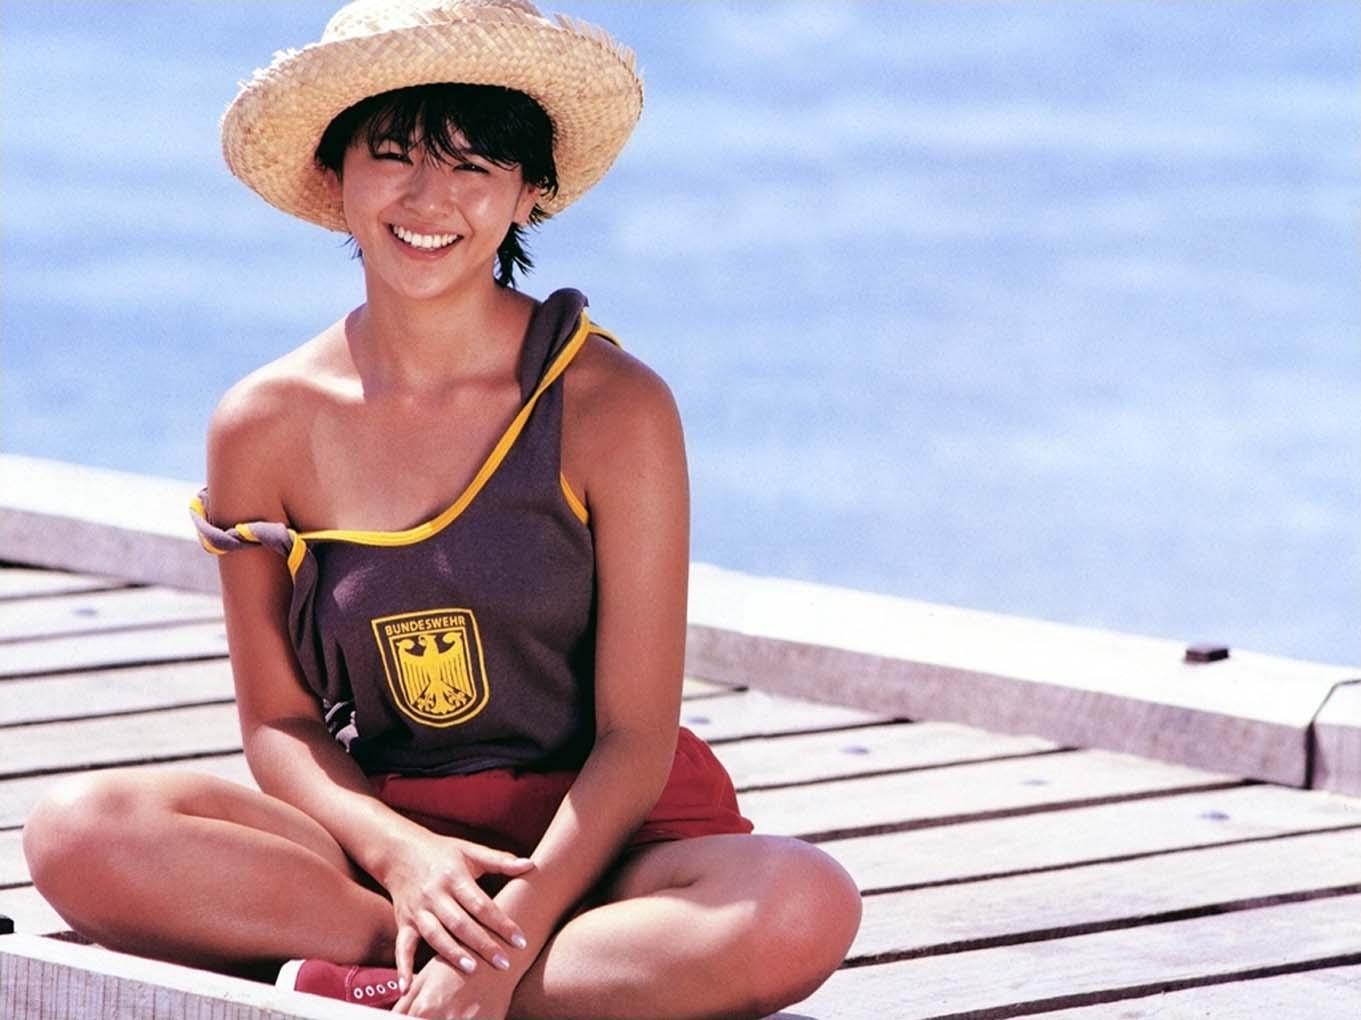 小泉今日子 セクシー 肩出し 短パン ムチムチ 太もも ショートカット 笑顔 80年代 エロかわいい画像11